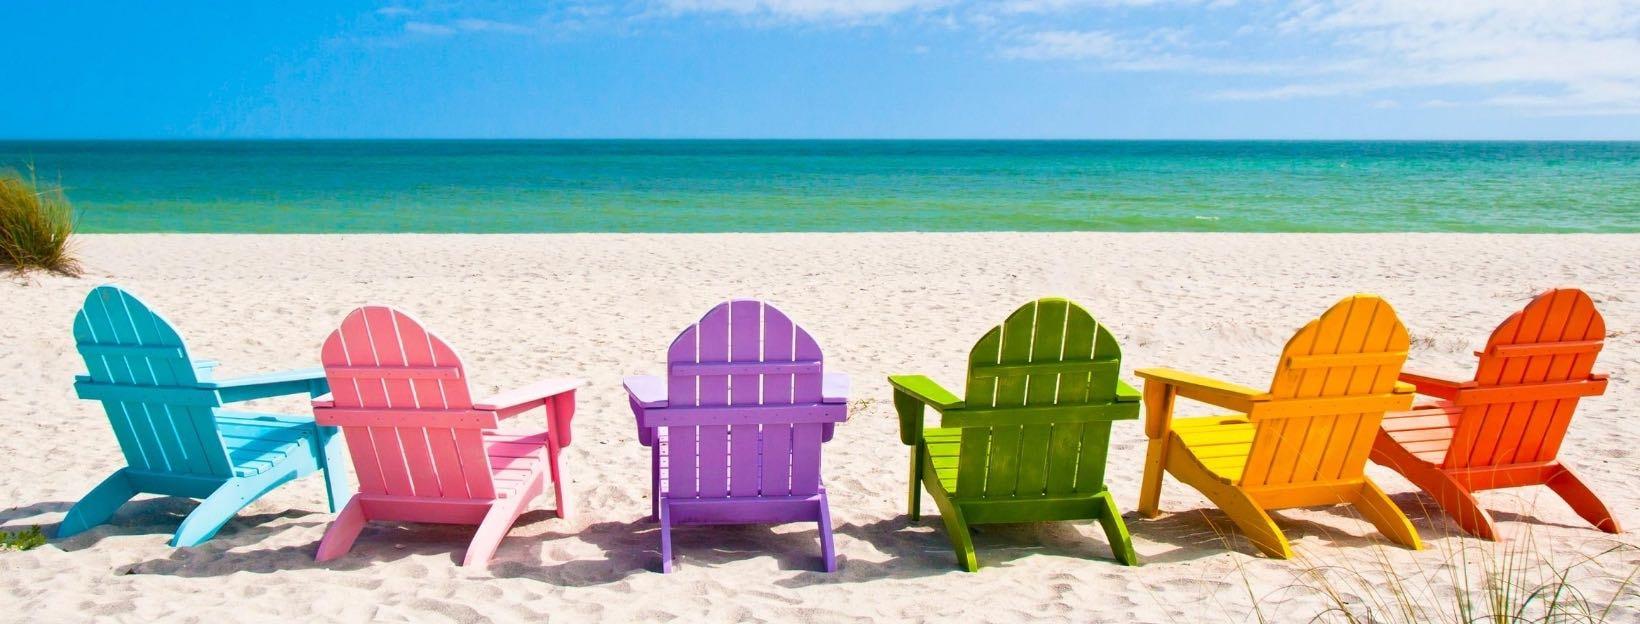 Bunte Stühle am Strand: WhatsApp Hintergründe, Wallpaper und Hintergrundbilder